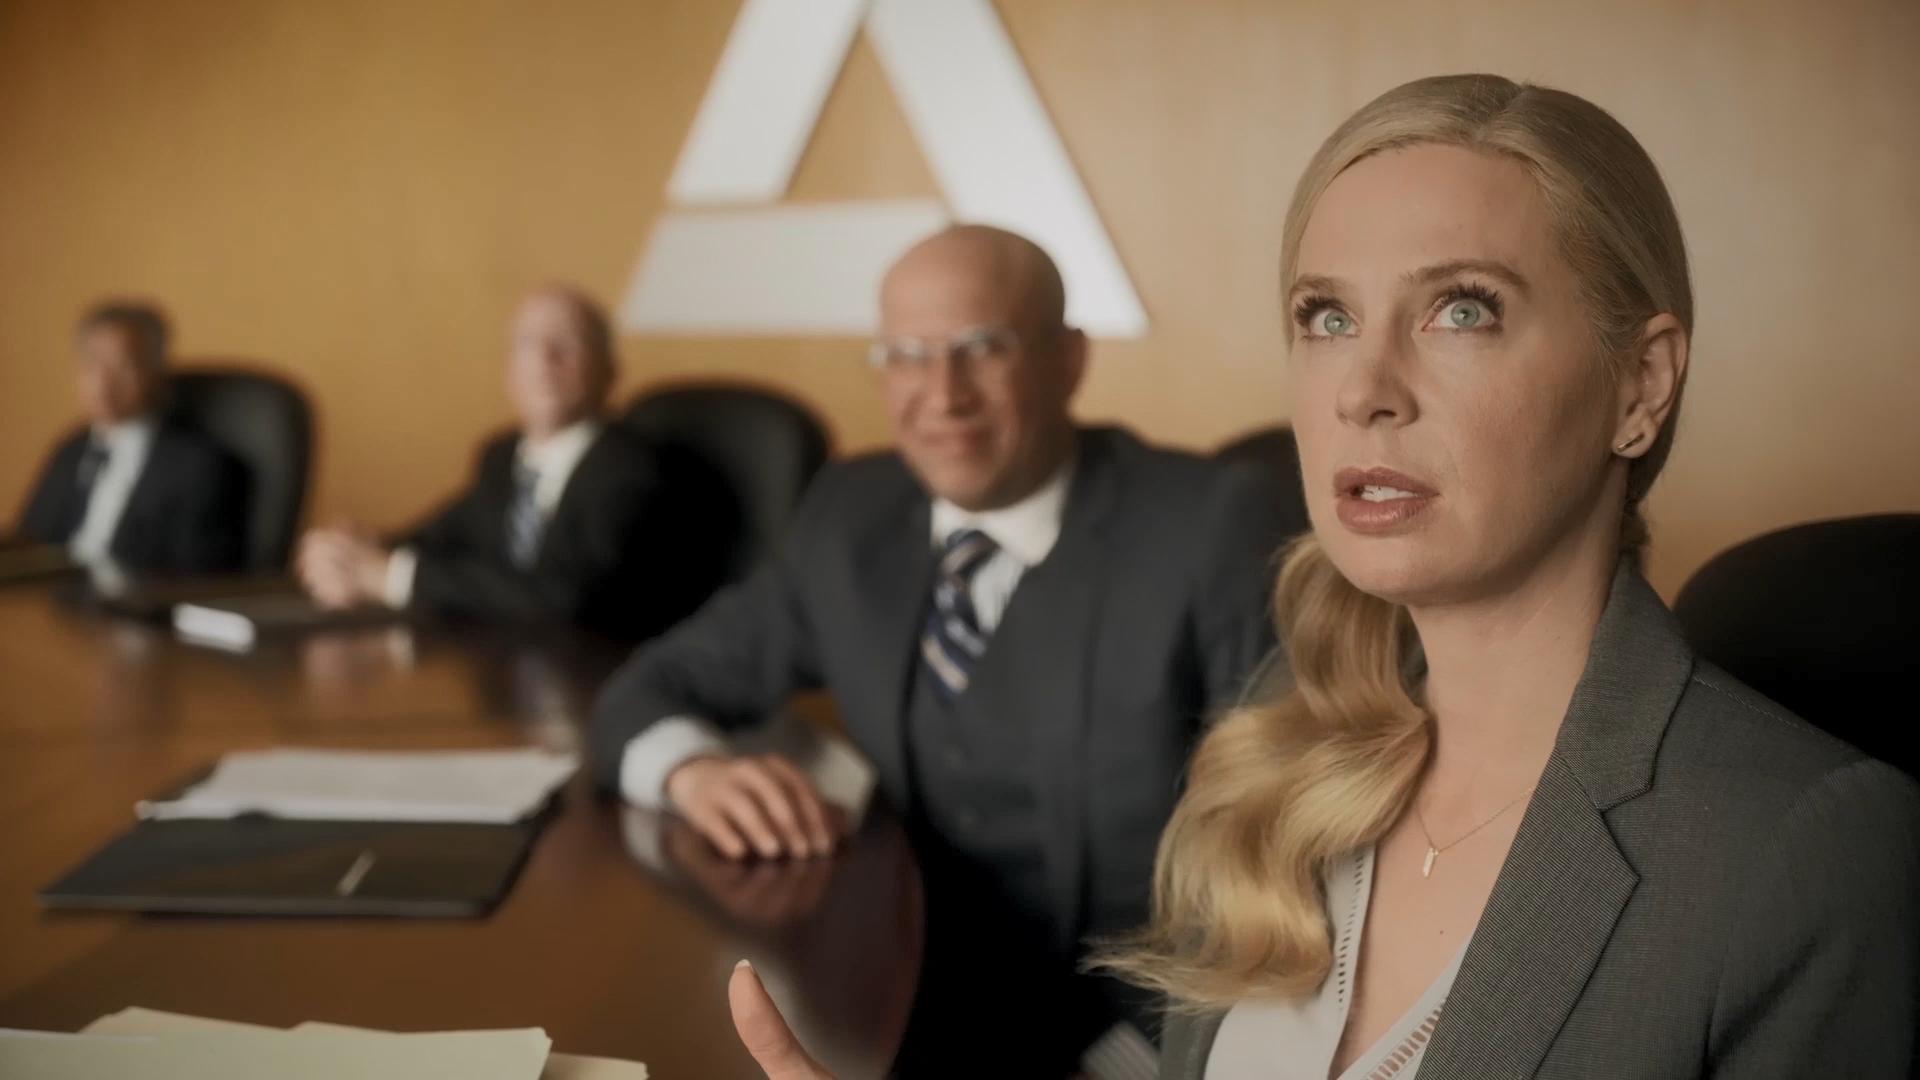 Изображение для Корпорация / Corporate, Сезон 3, Серия 1-2 из 10 (2020) WEBRip 1080p (кликните для просмотра полного изображения)